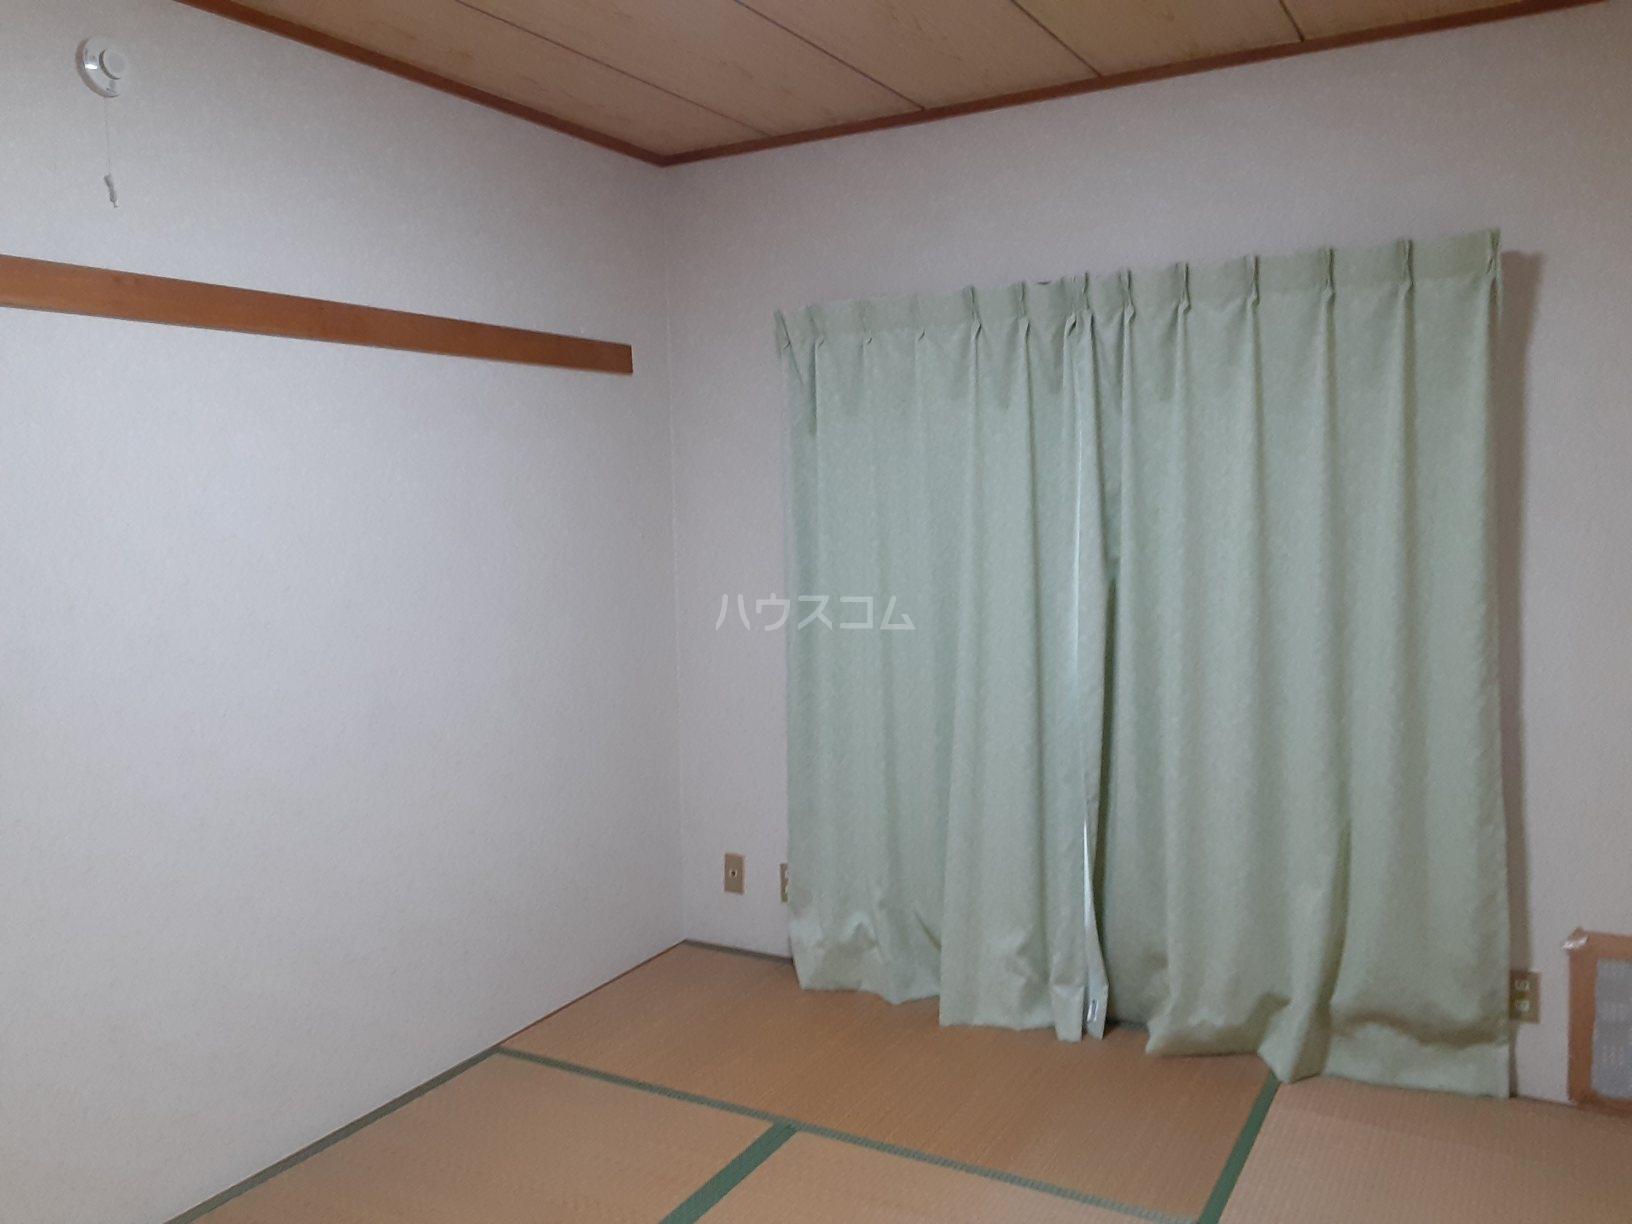 柿木台高橋マンション 104号室の設備